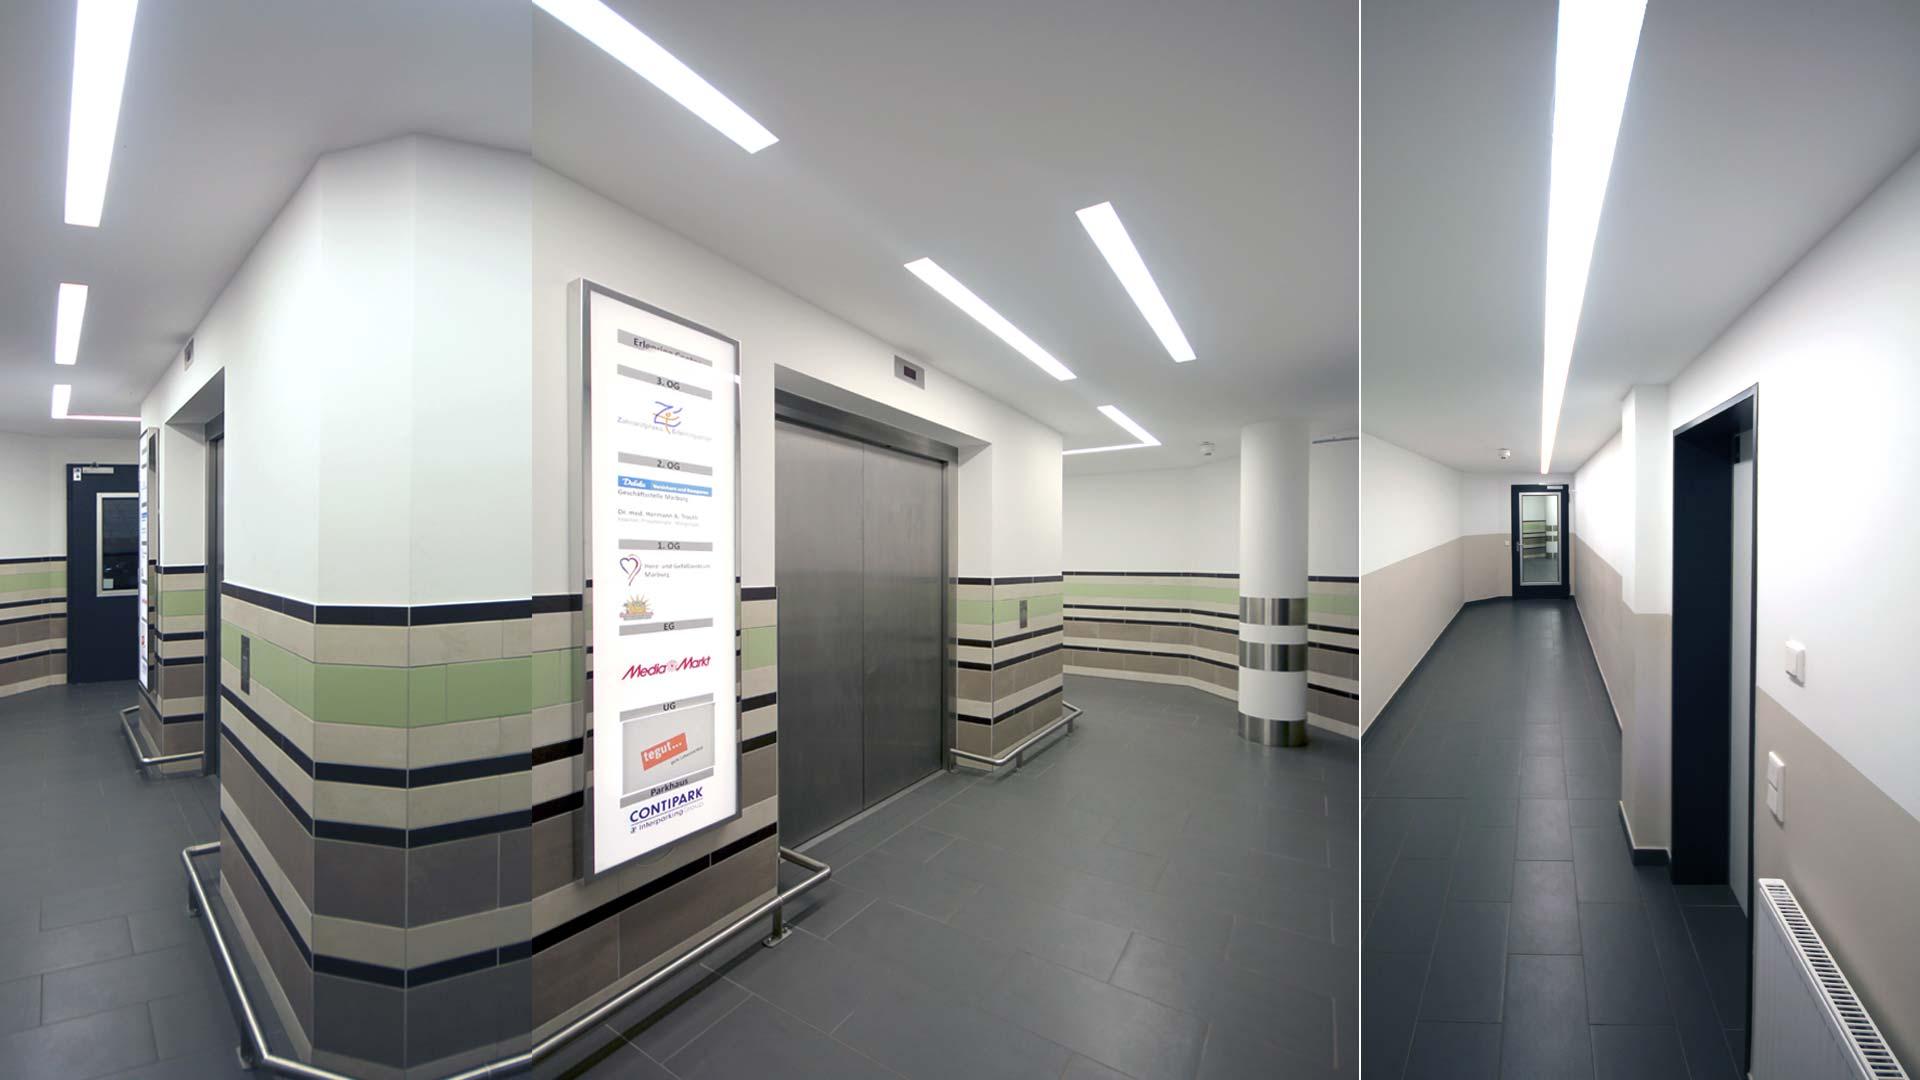 MAASS-Lichtplanung_Lichtplanung für das Erlenring Center in Marburg__MAASS-EC-Marburg-002